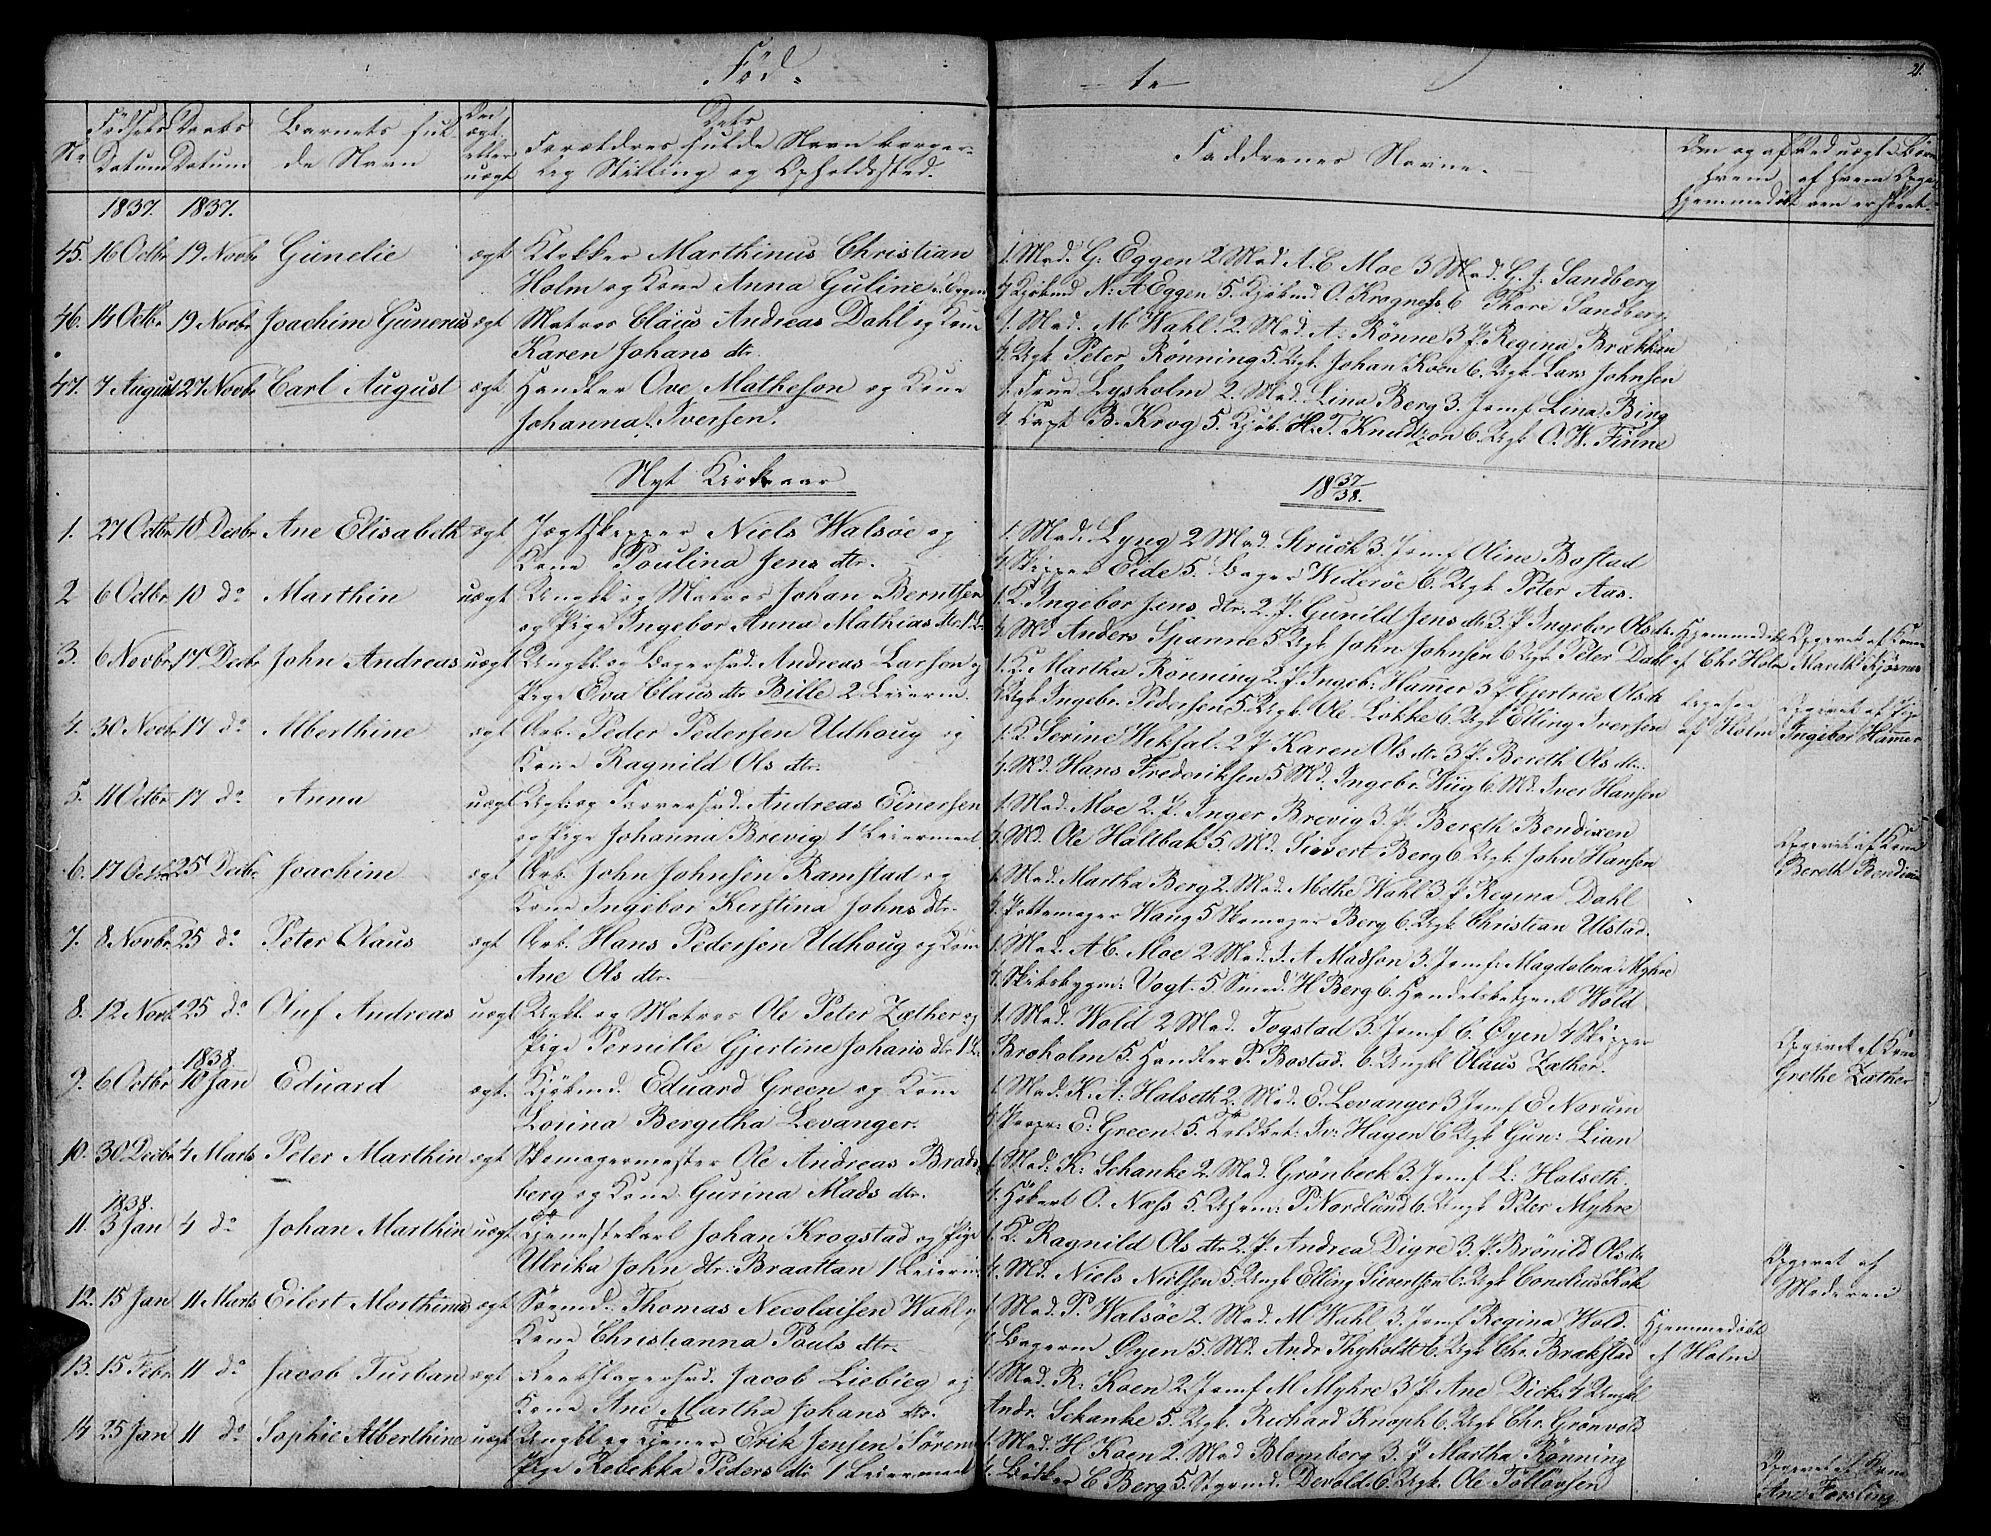 SAT, Ministerialprotokoller, klokkerbøker og fødselsregistre - Sør-Trøndelag, 604/L0182: Ministerialbok nr. 604A03, 1818-1850, s. 21